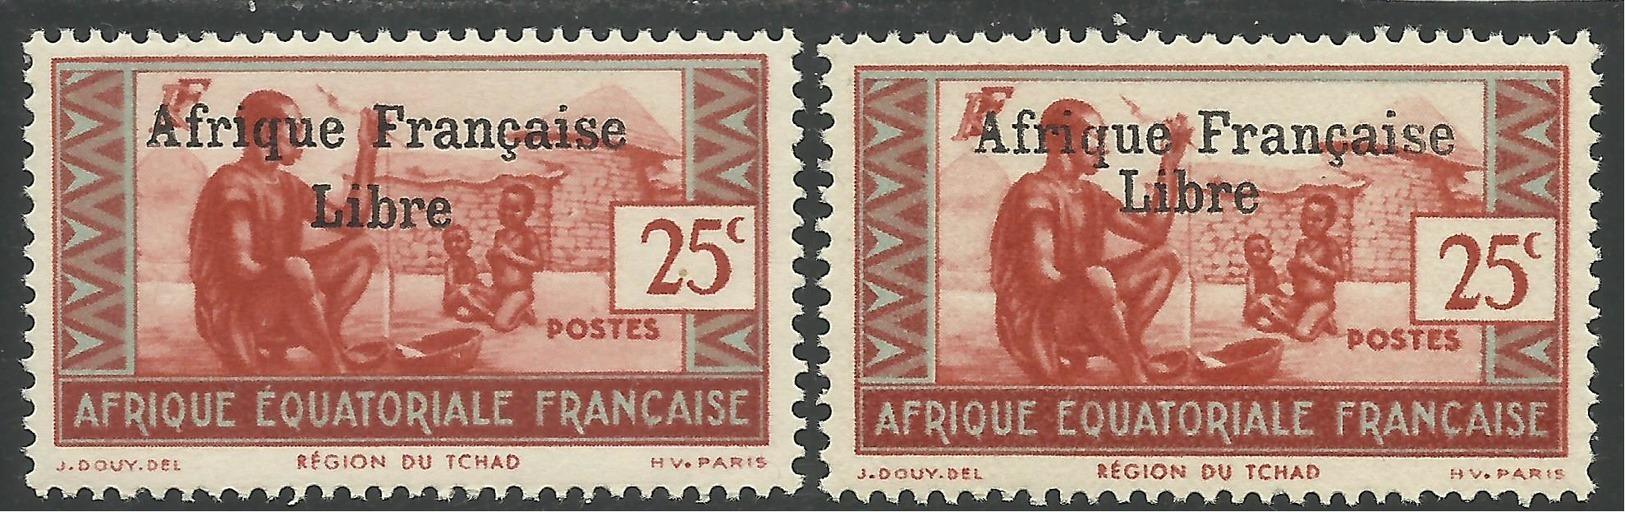 AFRIQUE EQUATORIALE FRANCAISE - AEF - A.E.F. - 1941 - YT 163** - VARIETE SURCHARGE ESPACEE DE 3,5 Mm - Neufs